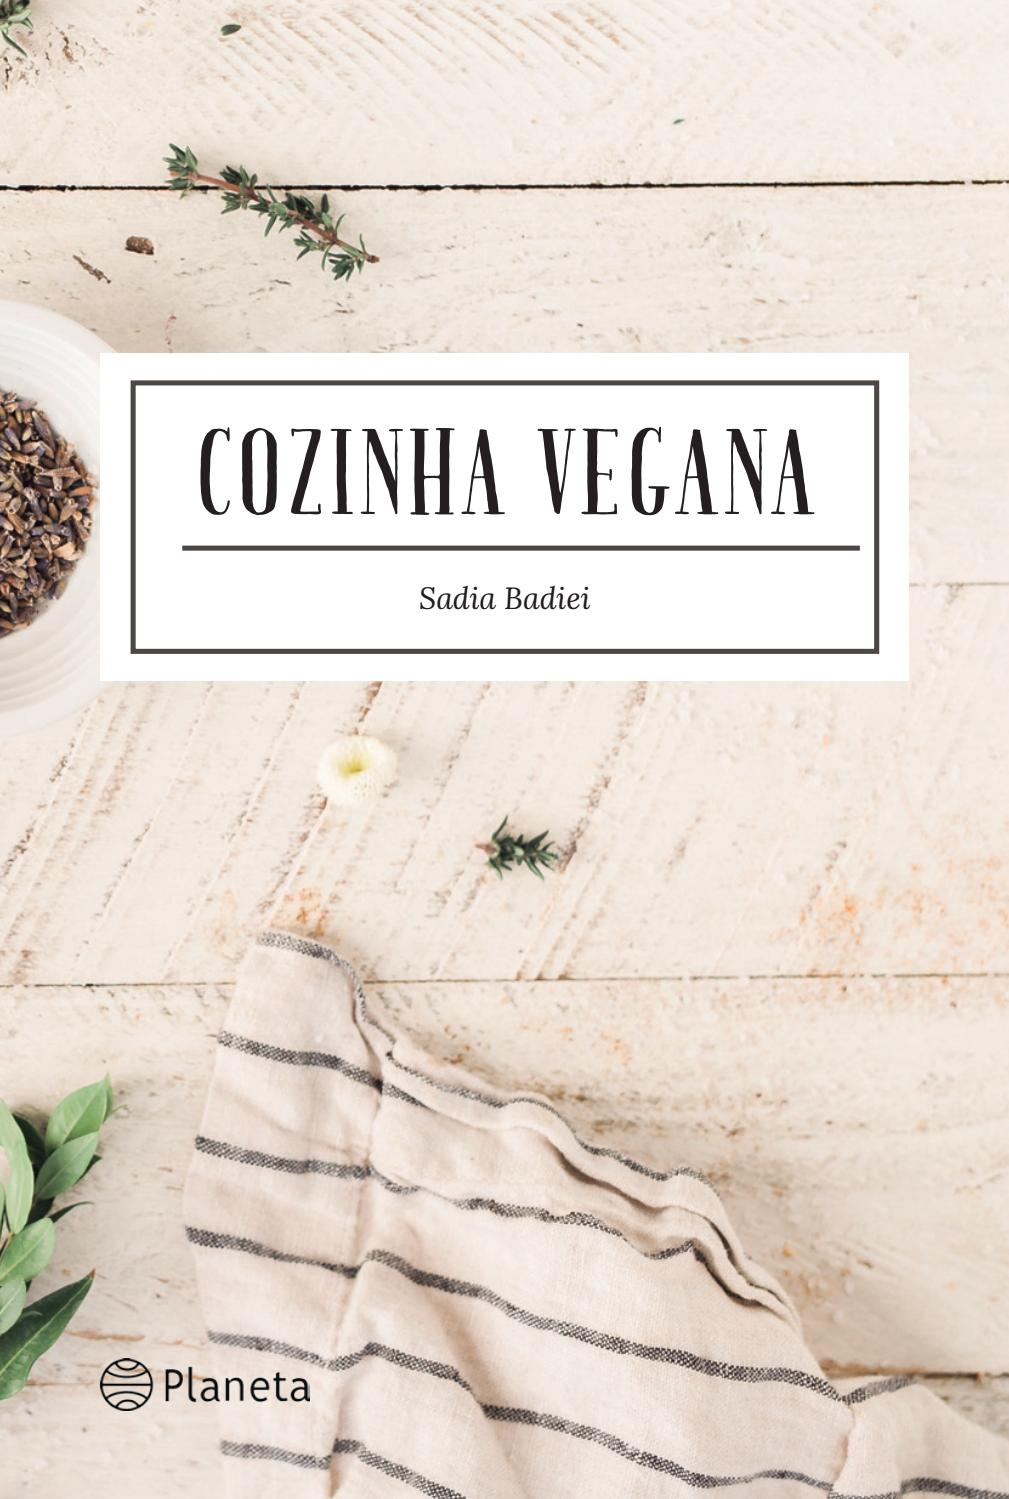 Cozinha Vegana by Thabata Pinheiro - Issuu